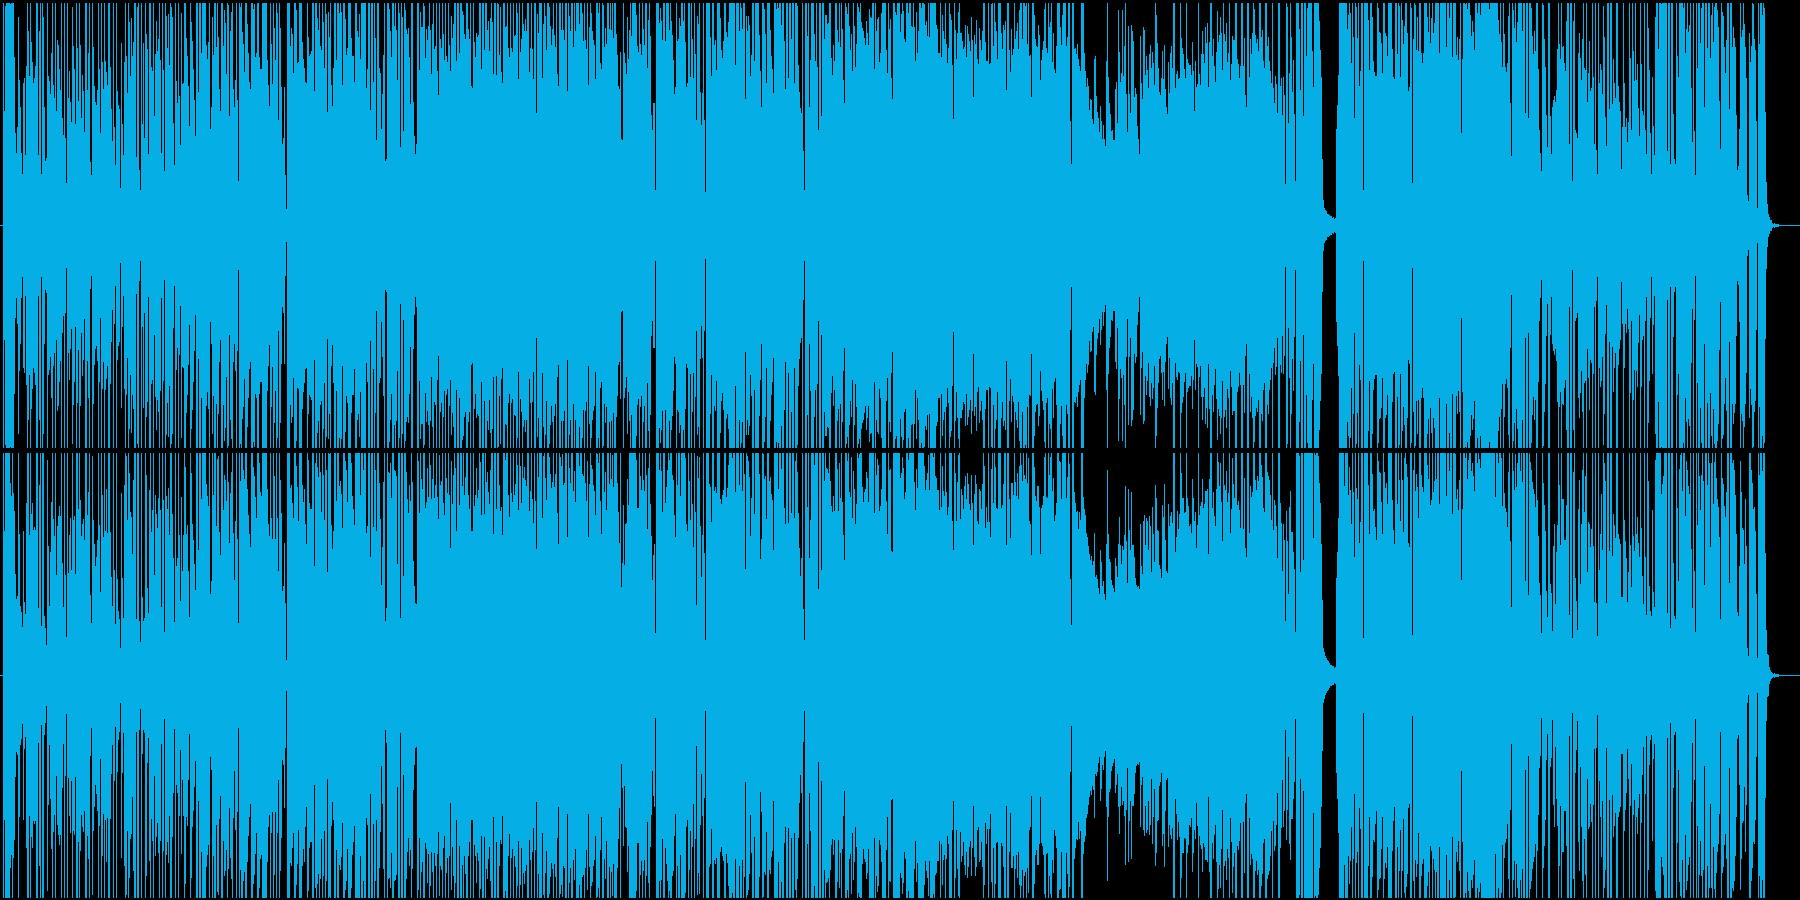 生演奏トランペットの陽気ジャズポップスの再生済みの波形